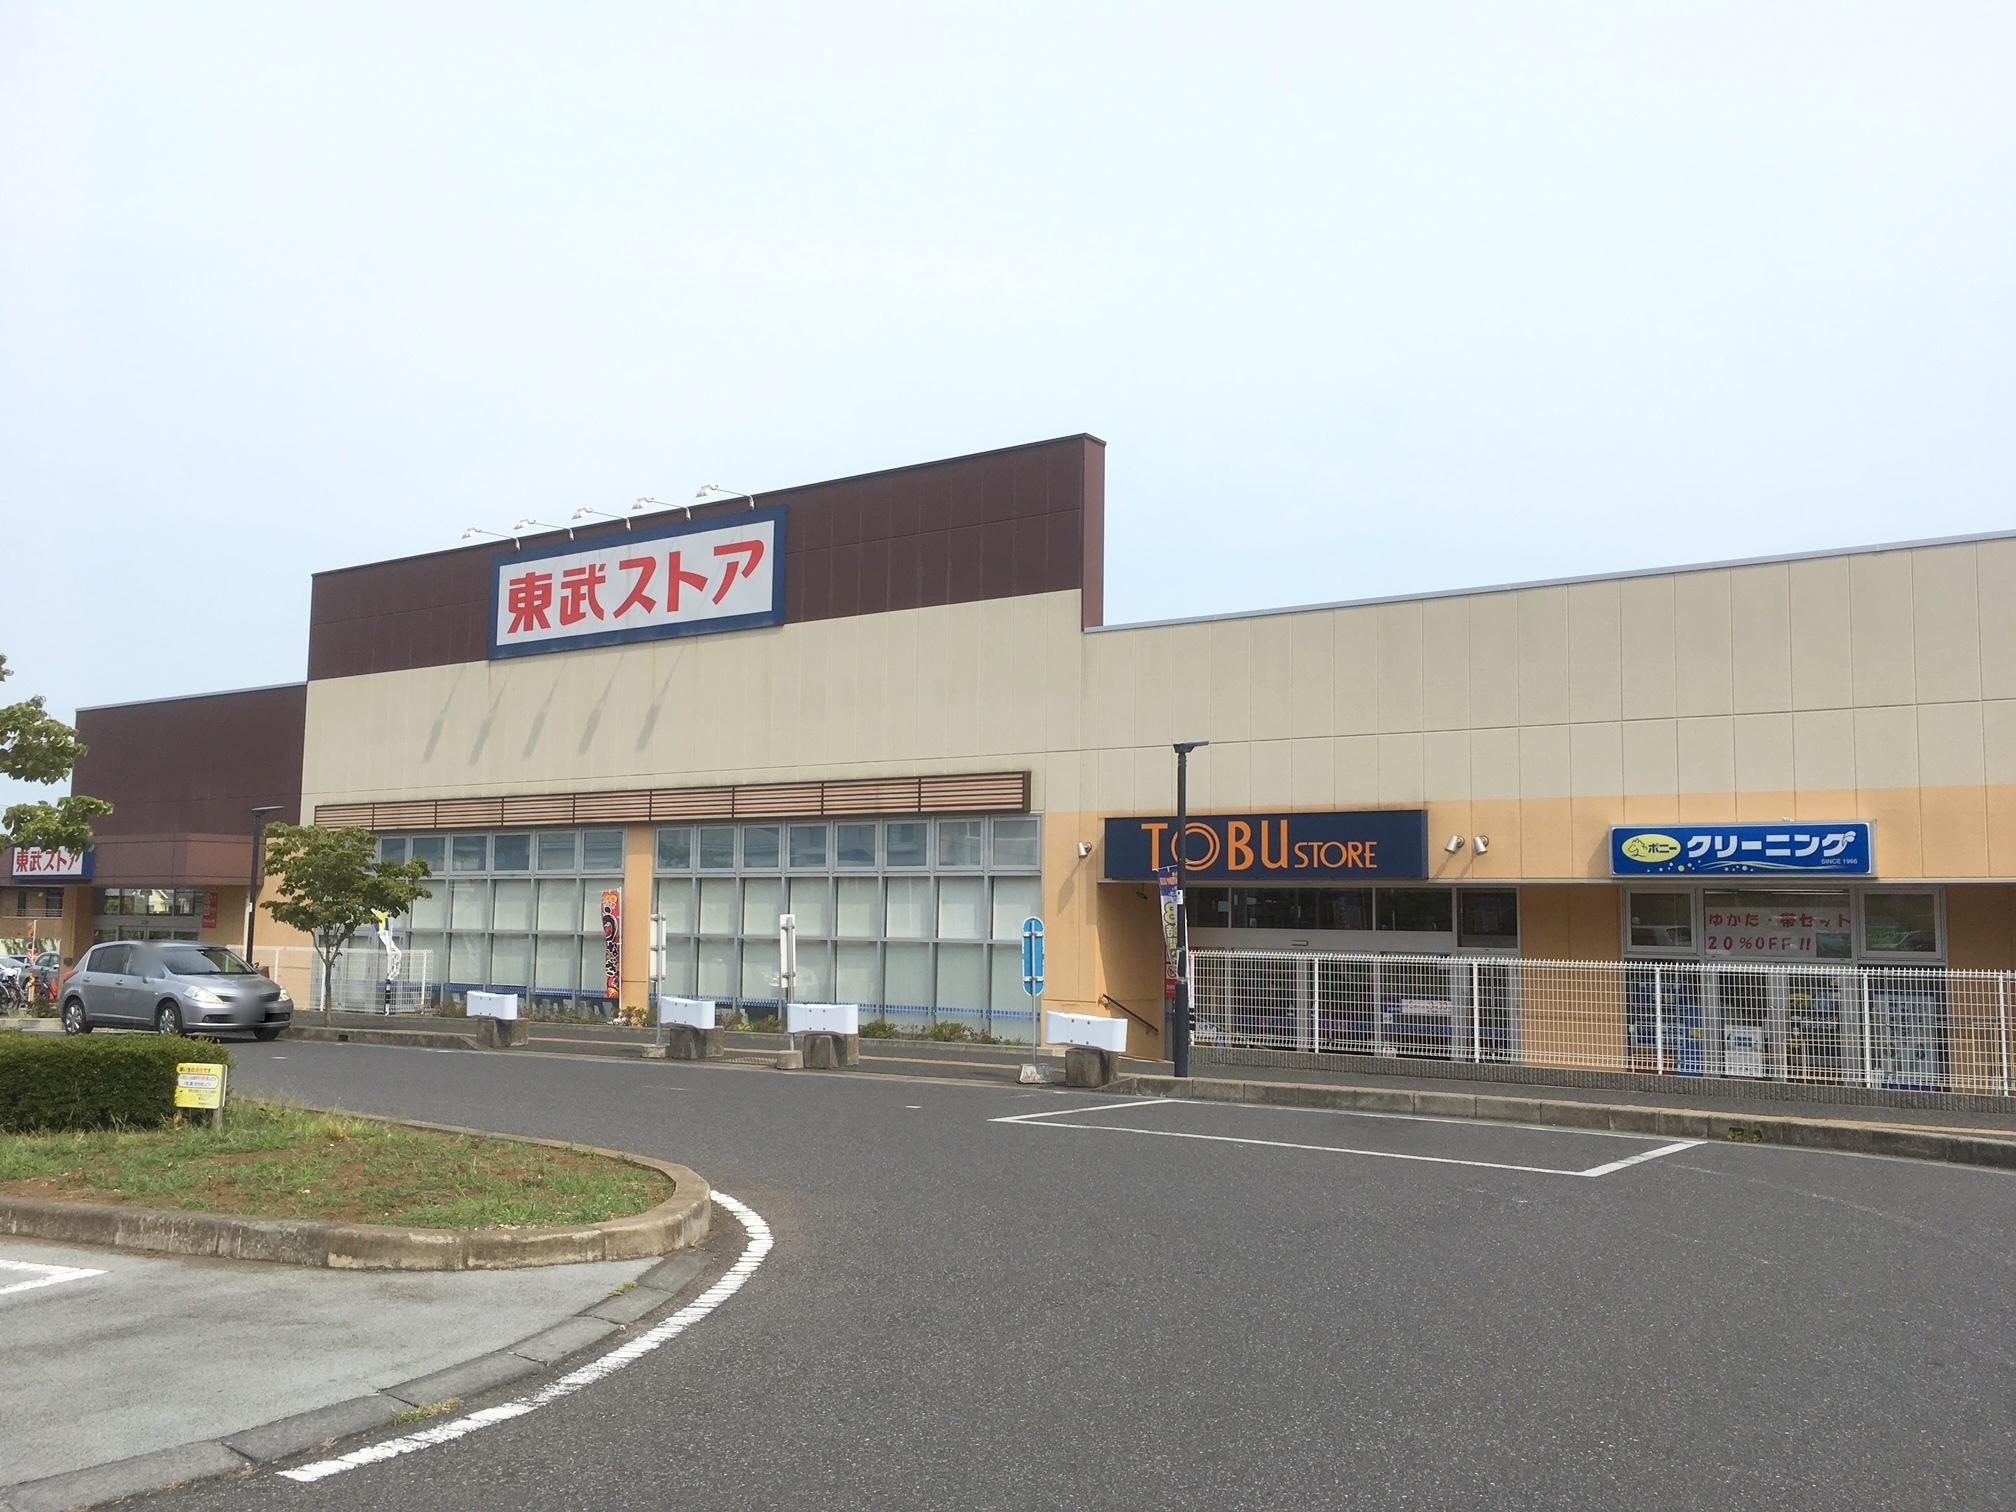 スーパー:東武ストア逆井店 585m